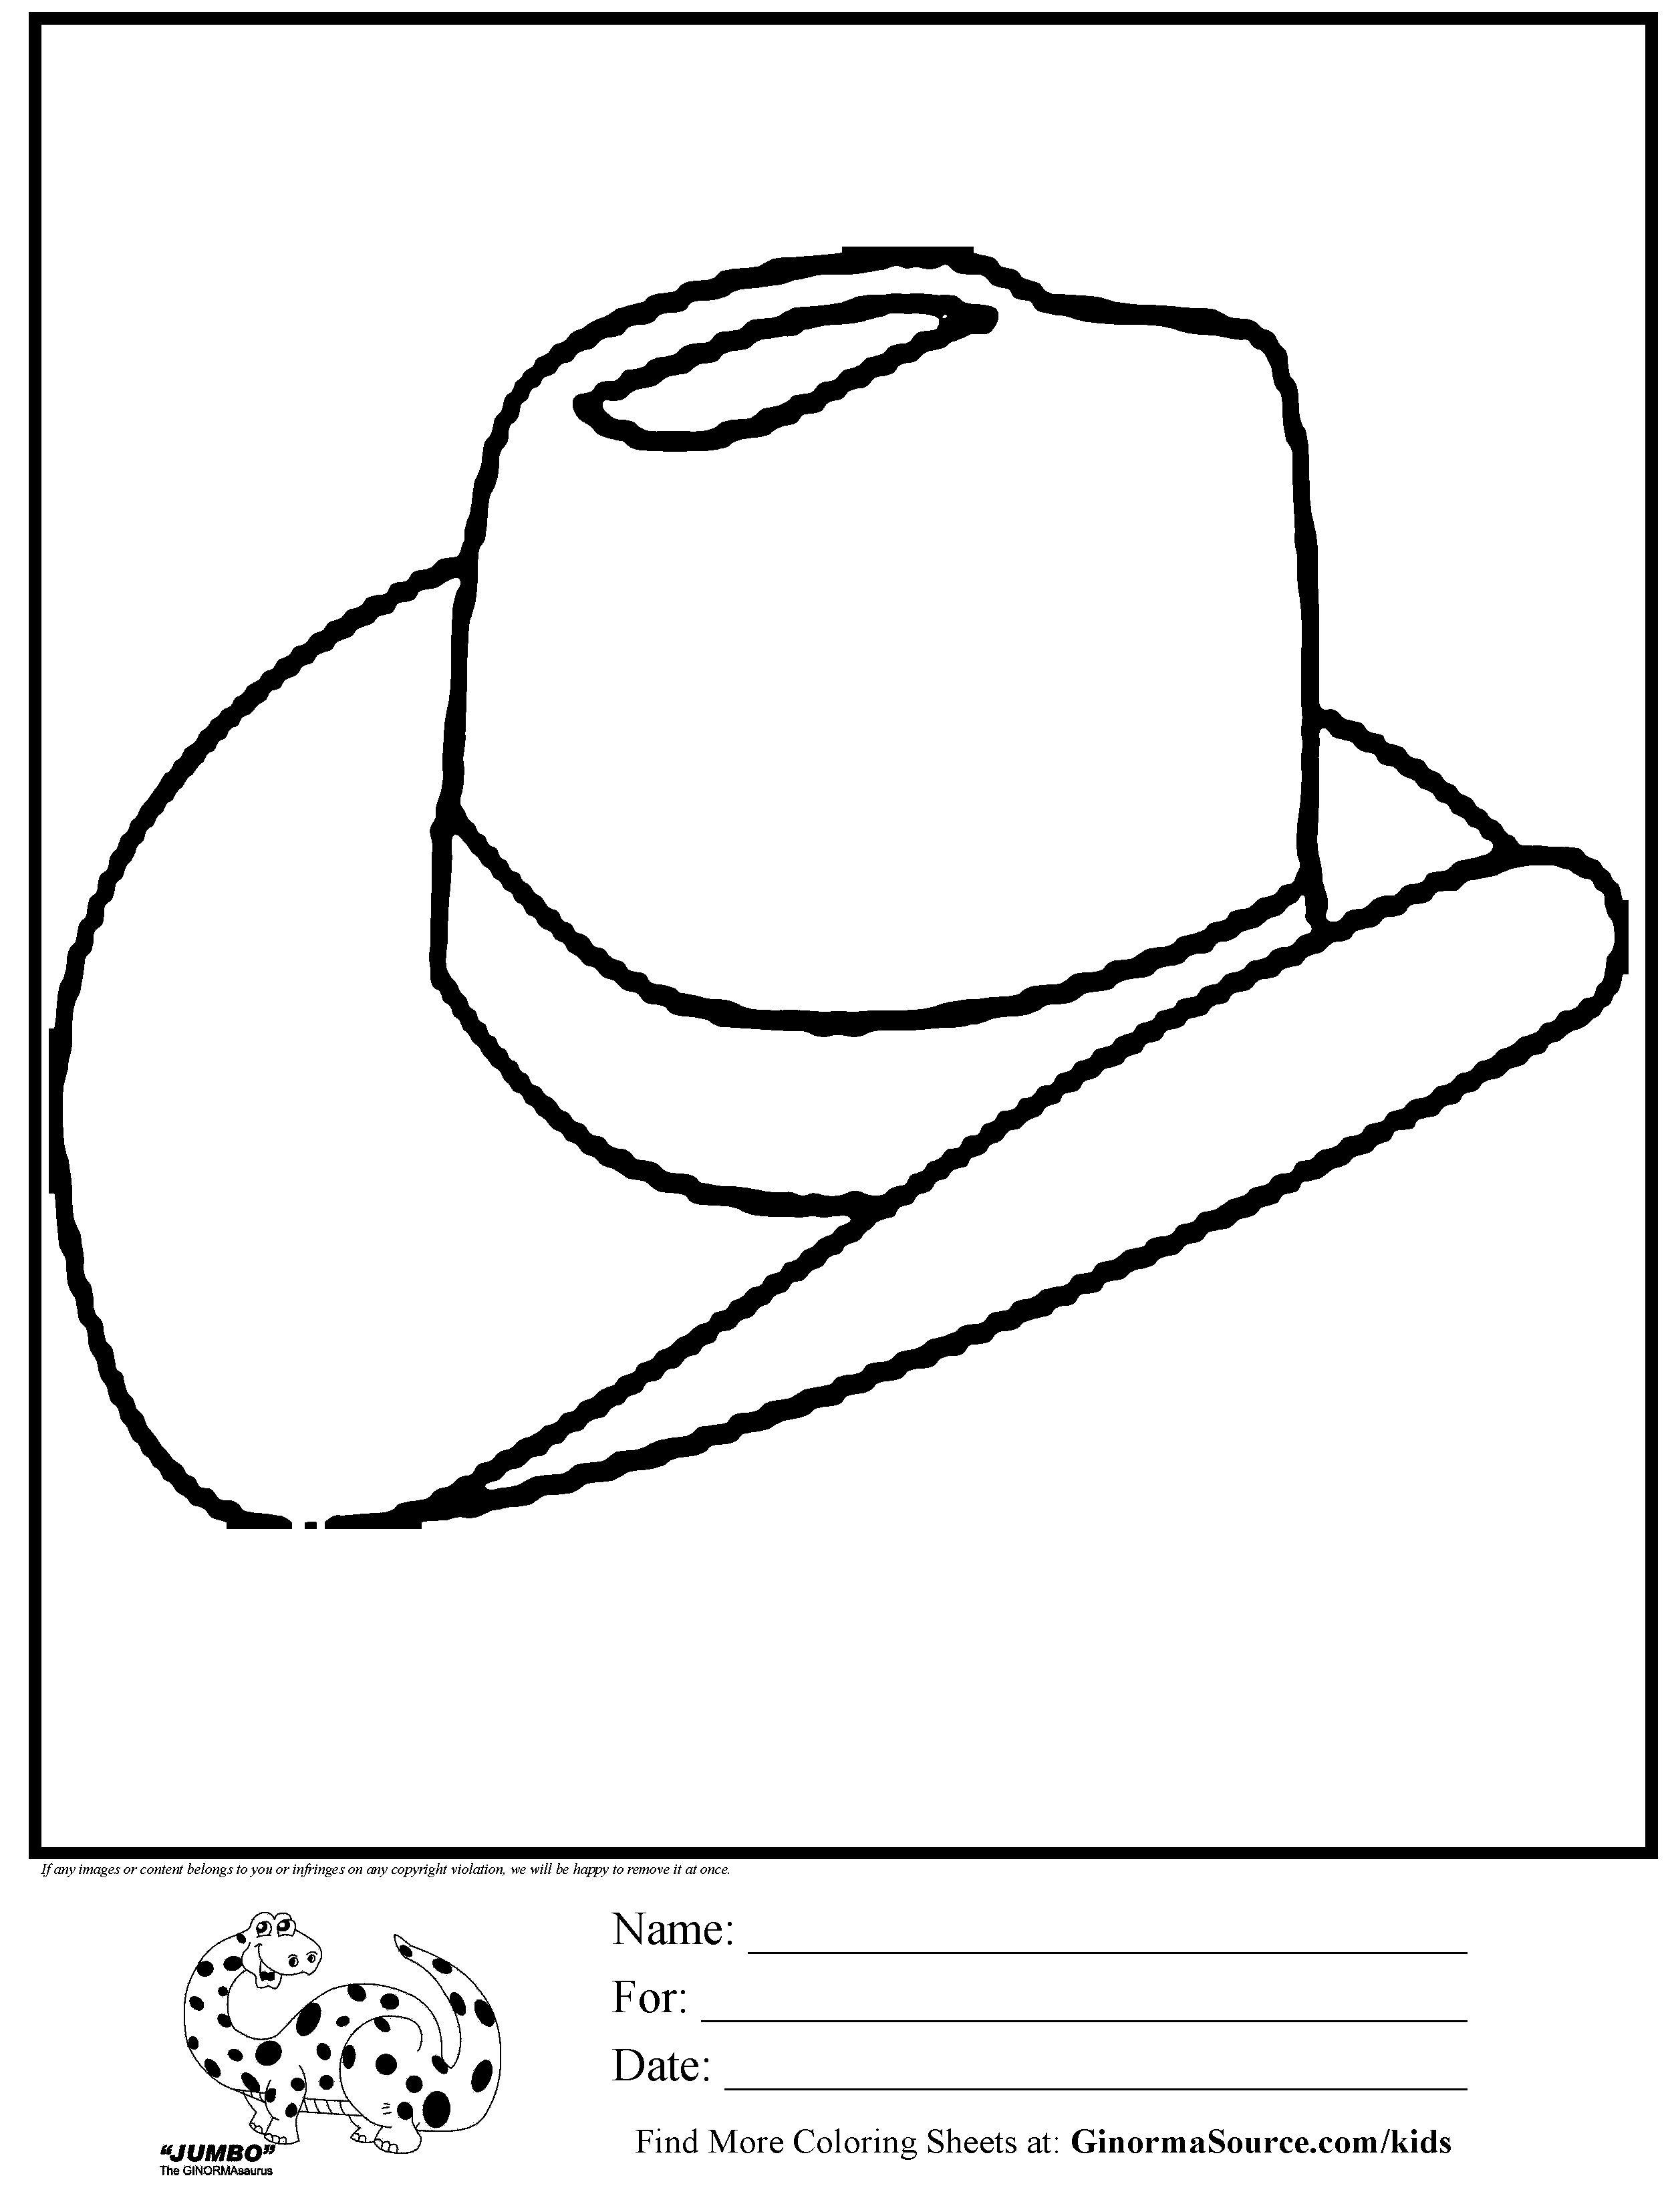 Cowboy Hat Color Page : cowboy, color, Cowboy, Coloring